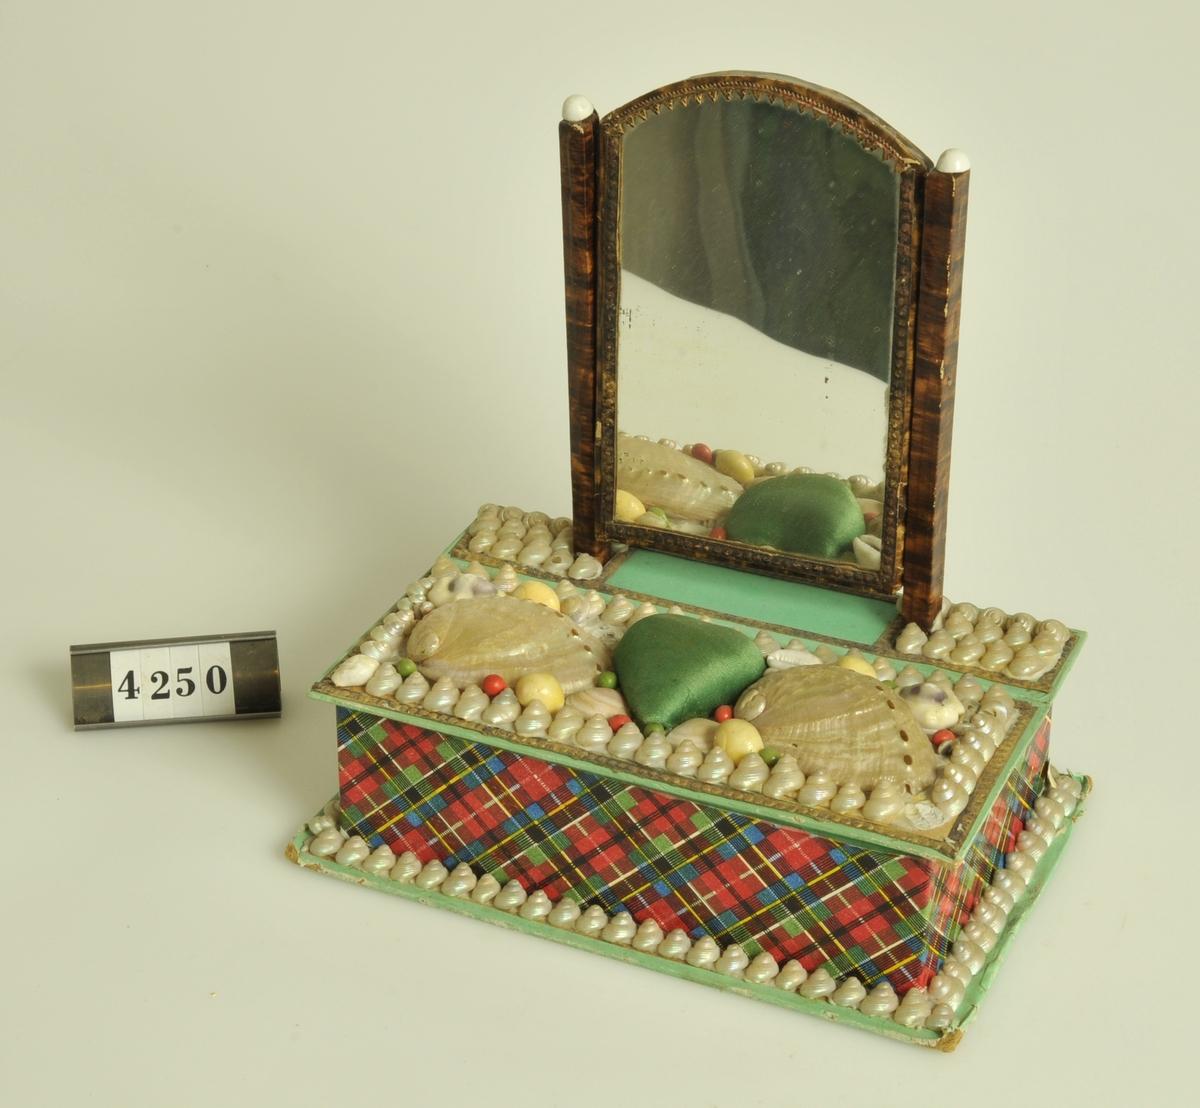 Med spegel. Låda av papp med påklistrade snäckor och en hjärtformad nåldyna av grönt siden på locket. Sidorna klädda med skotsktrutigt papper i grönt och rött. (Vanlig sjömansgåva)  Storlek: 16,5 x 10,5 cm.